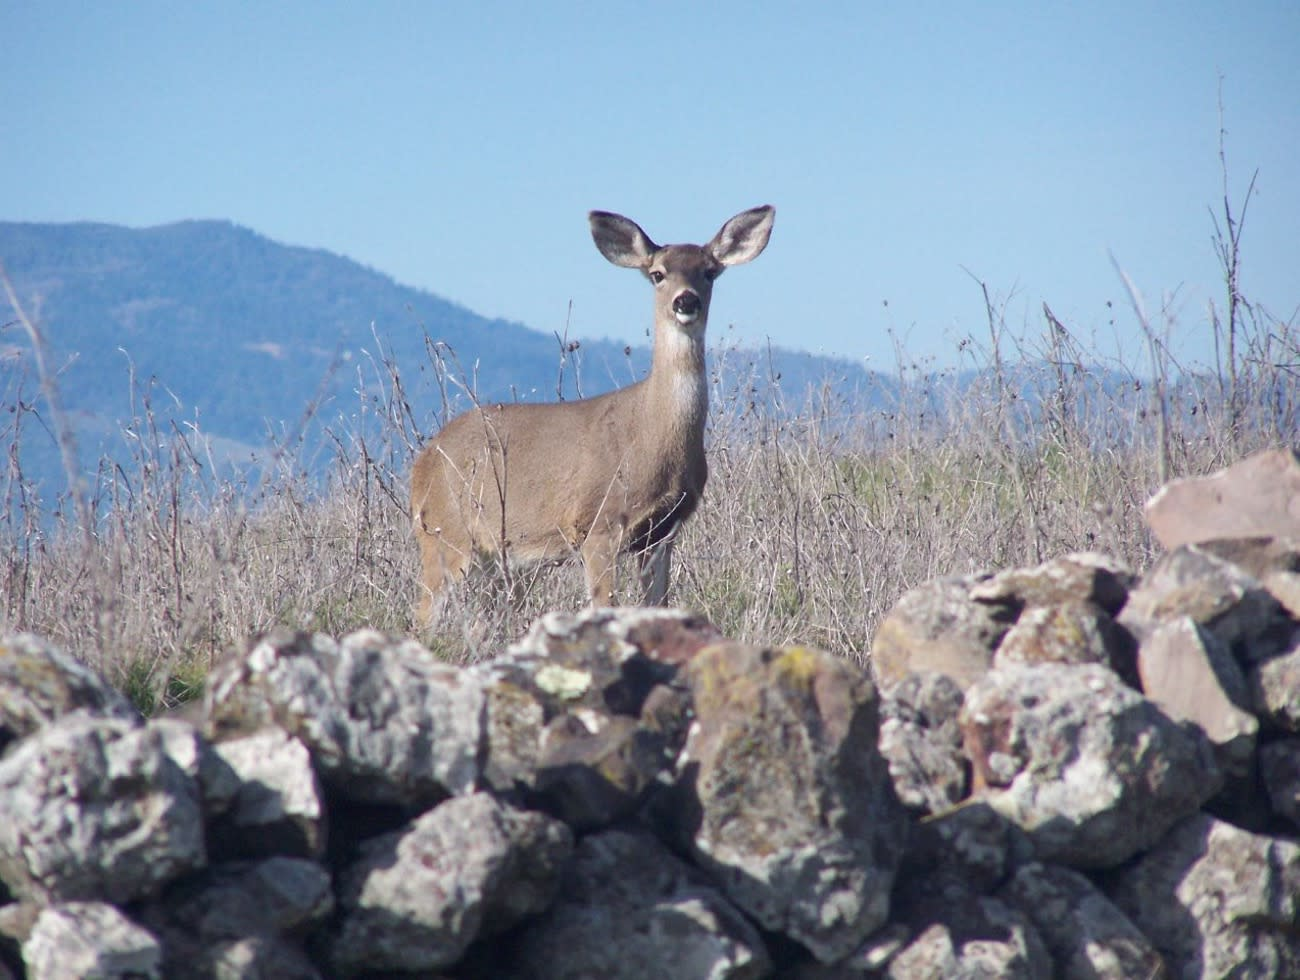 Skyline Wilderness Park in Napa Valley